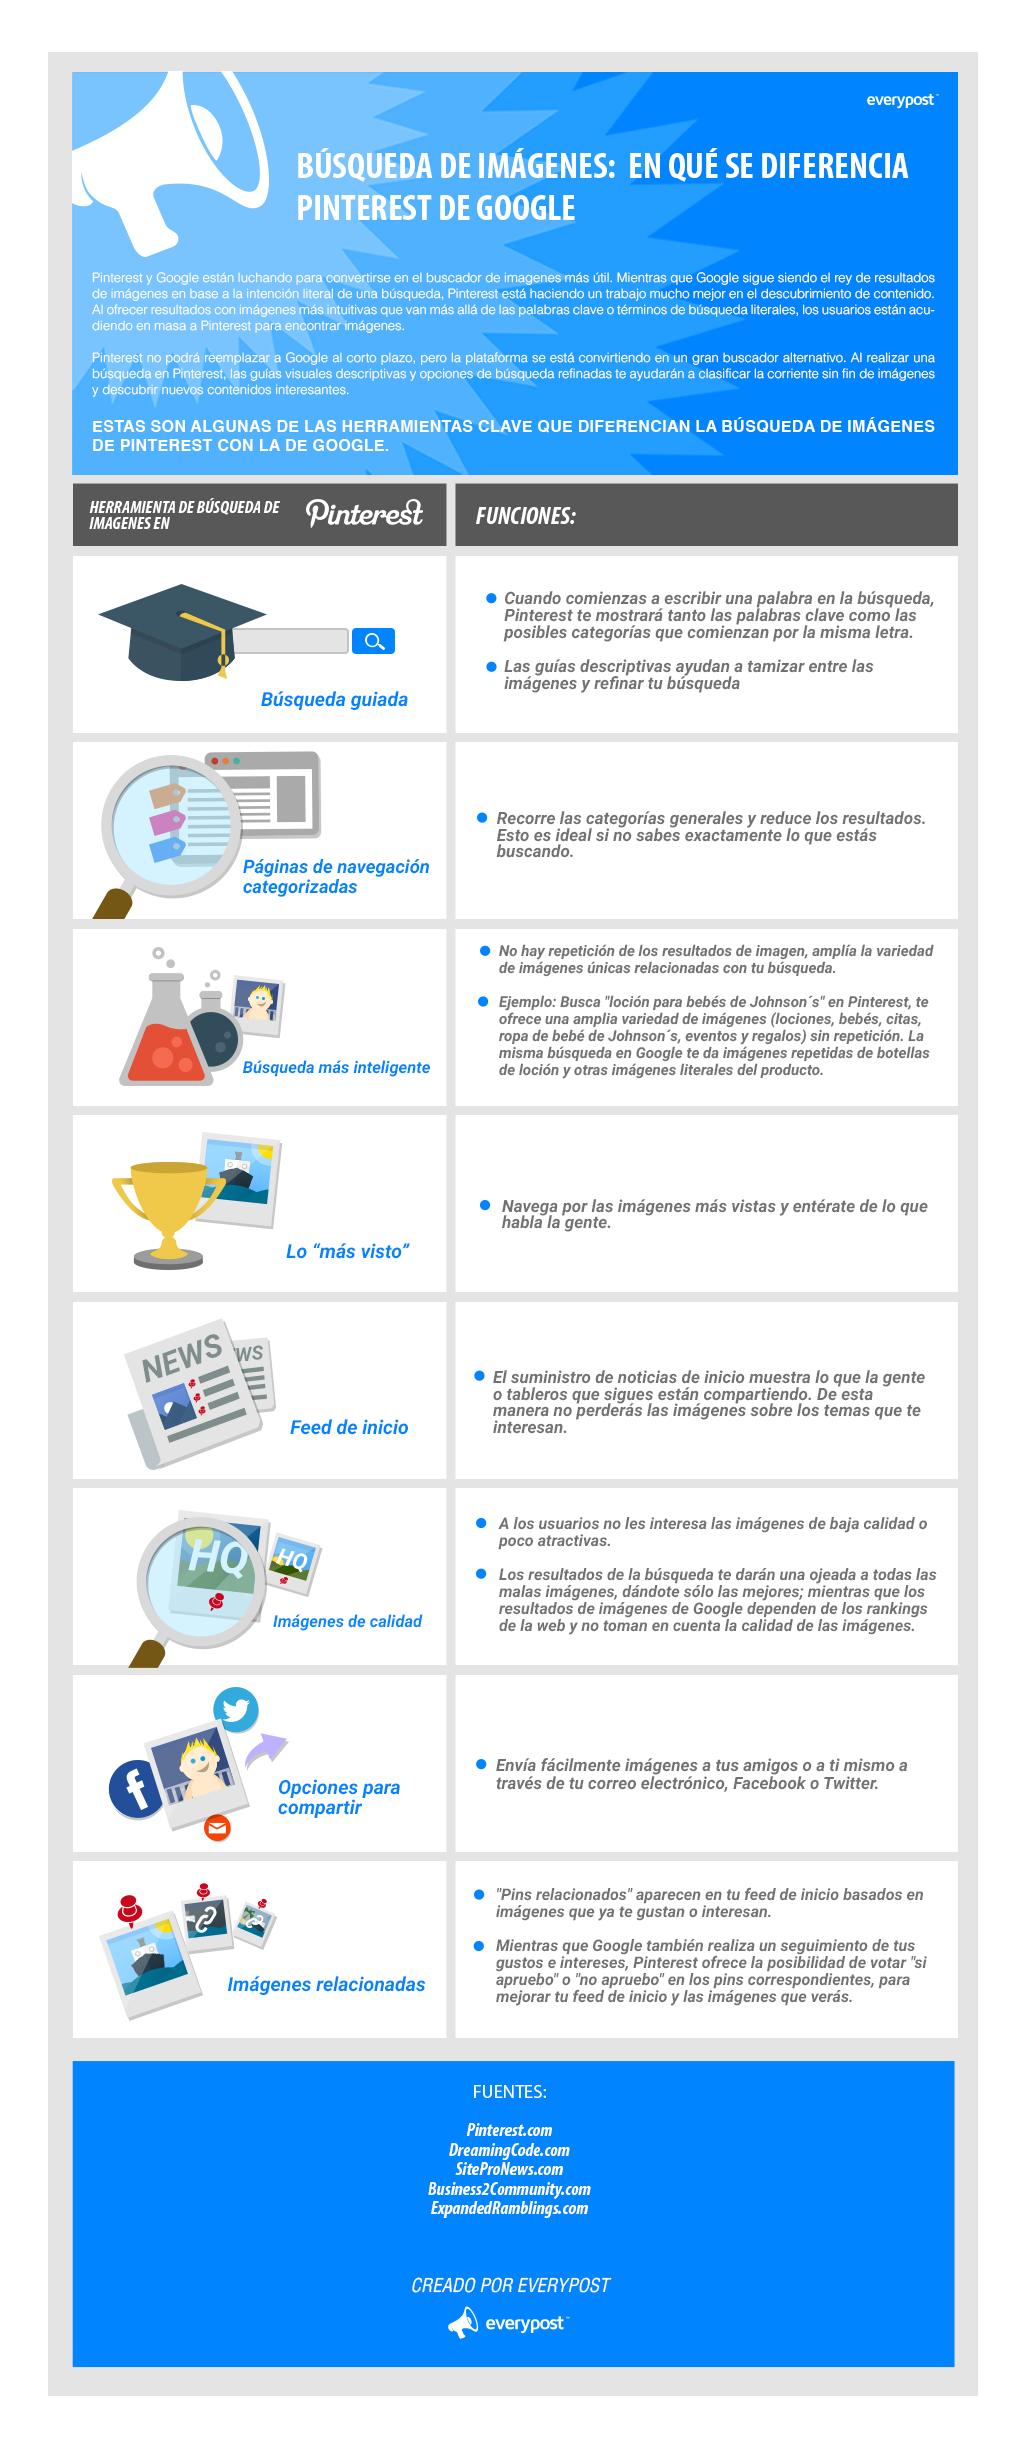 Pinterest y Google están luchando para convertirse en el buscador de imágenes más útil. Esta infografía nos señala algunas de las herramientas clave que diferencian la búsqueda de imágenes de Pinterest con Google.